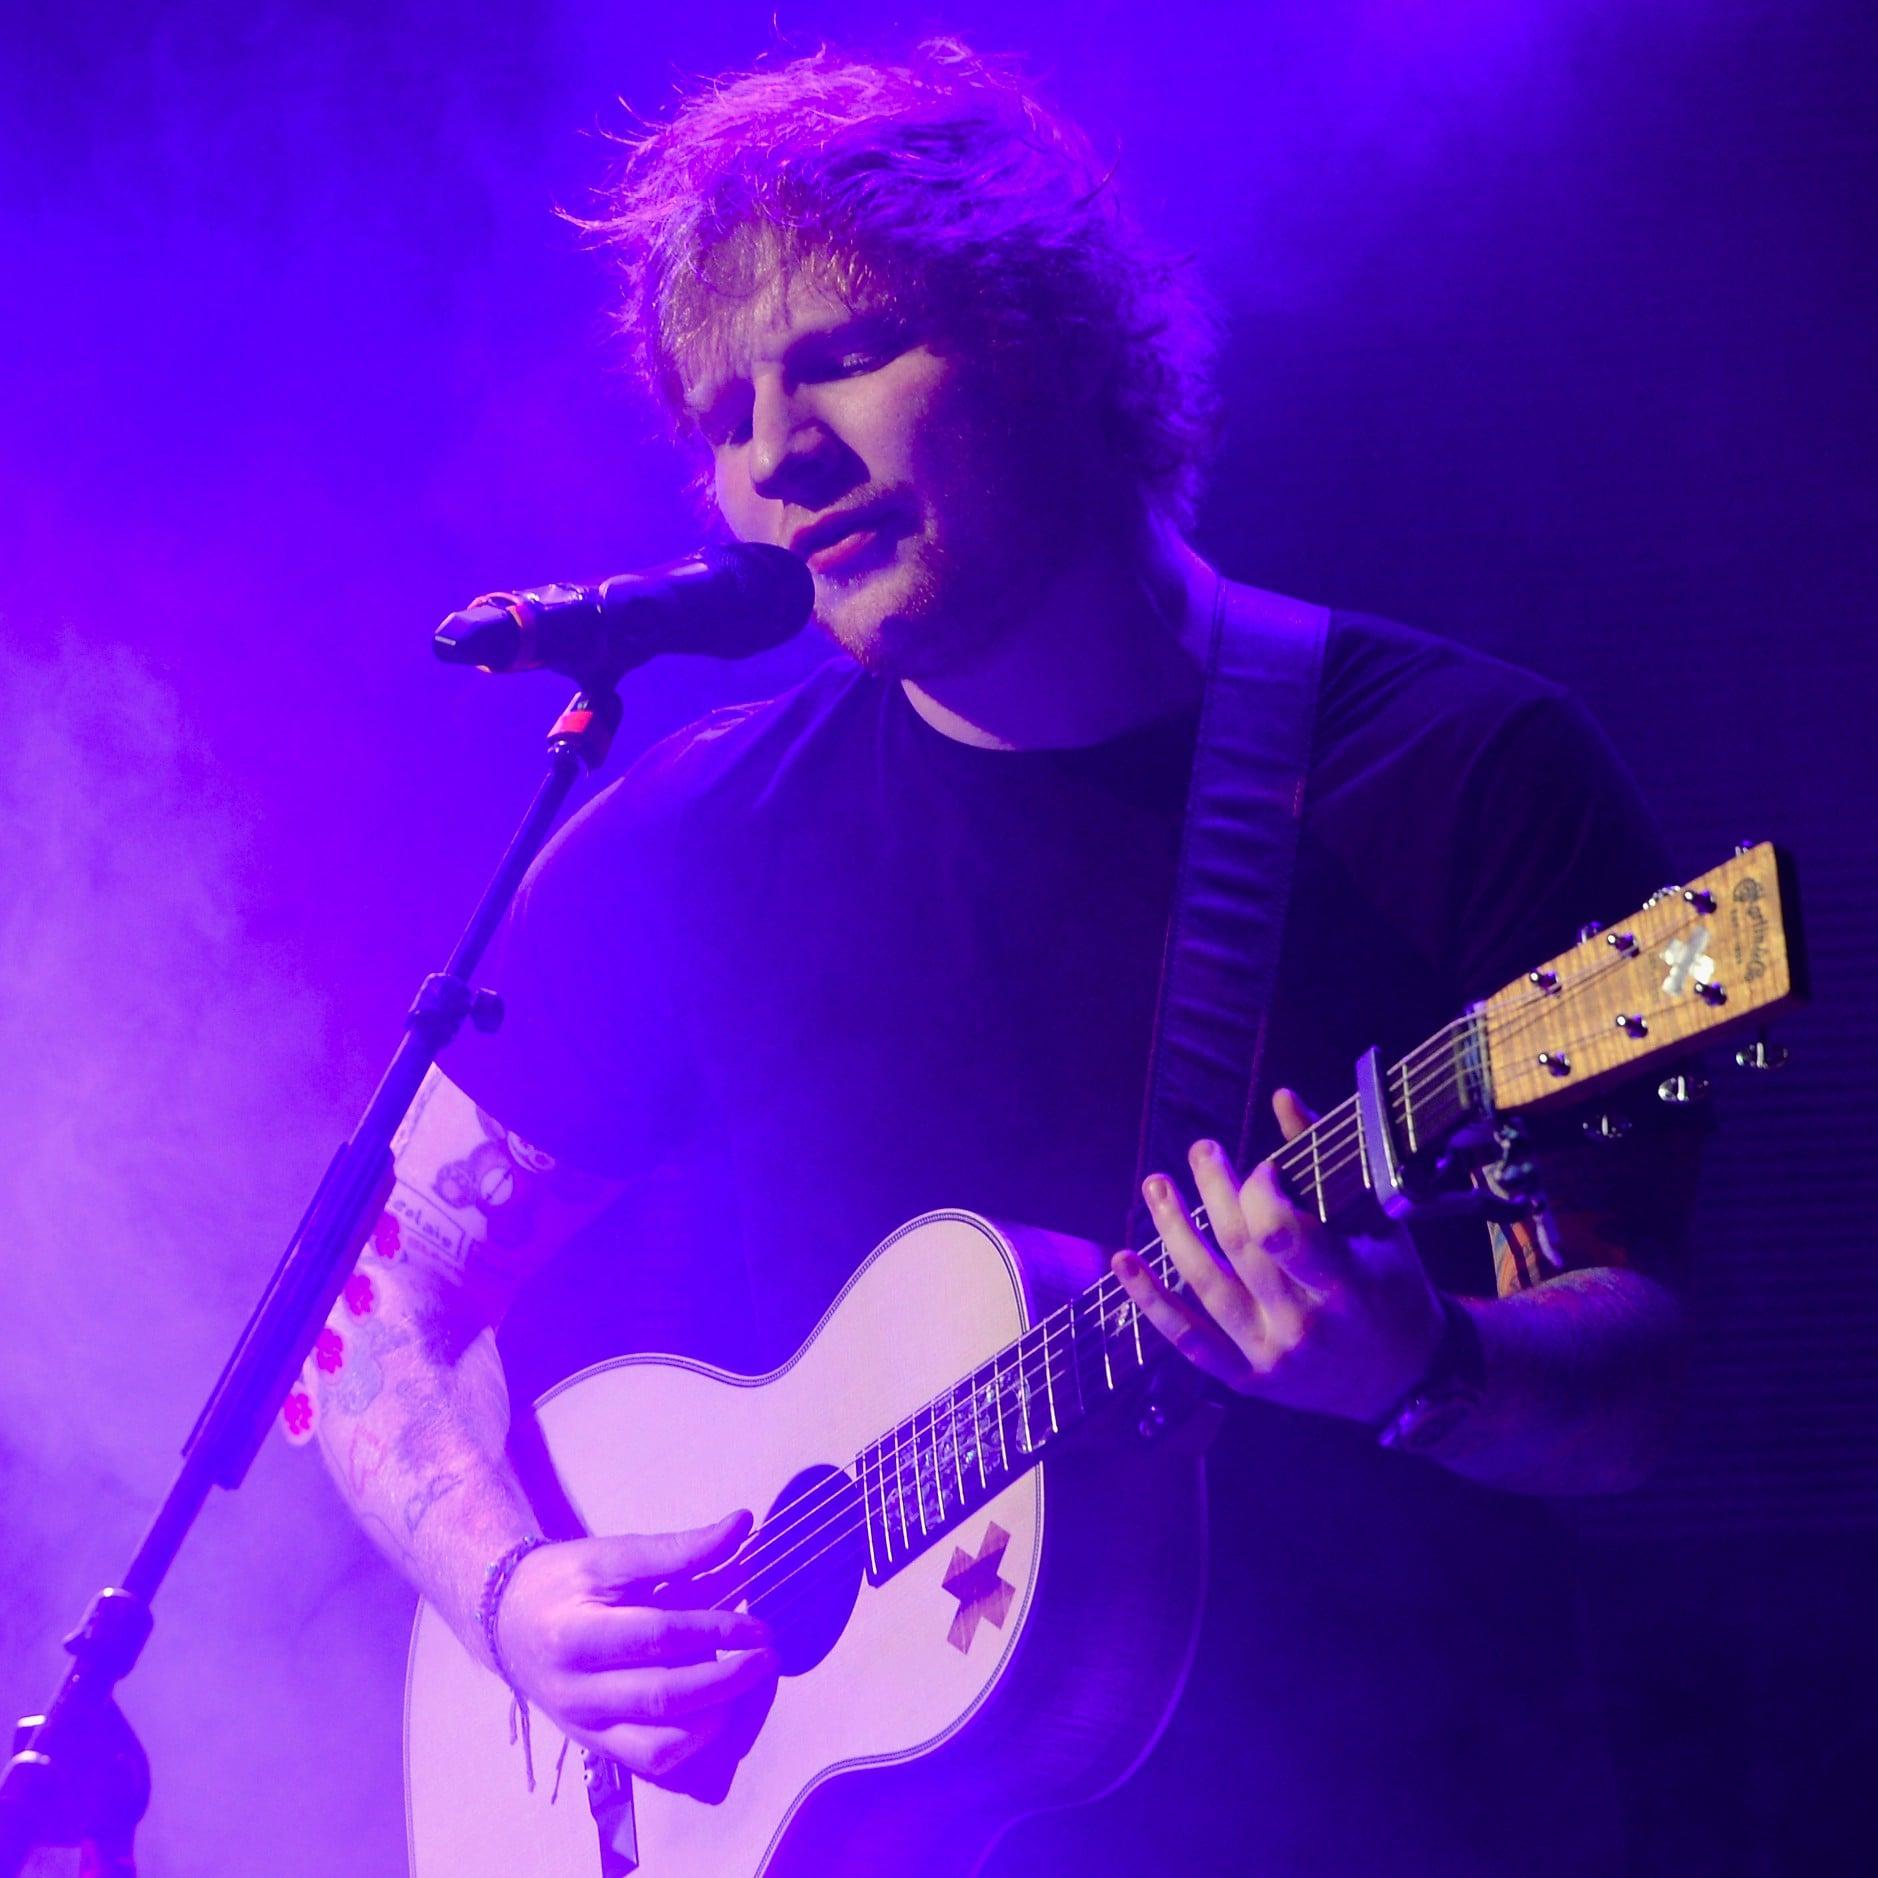 Songs Written by Ed Sheeran